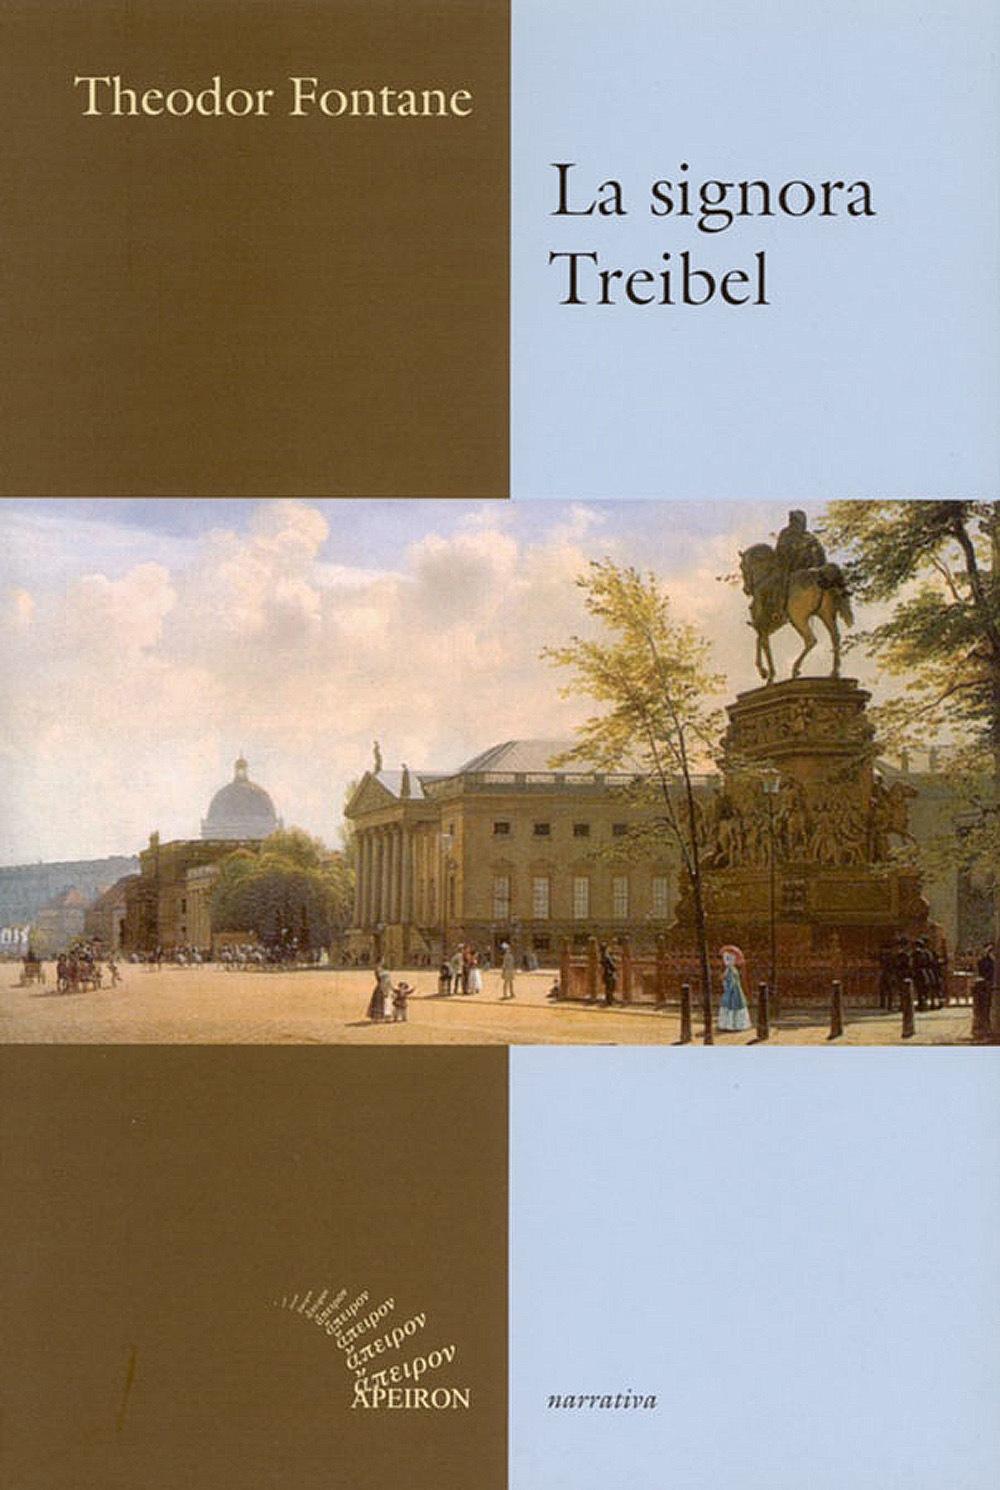 La signora Treibel